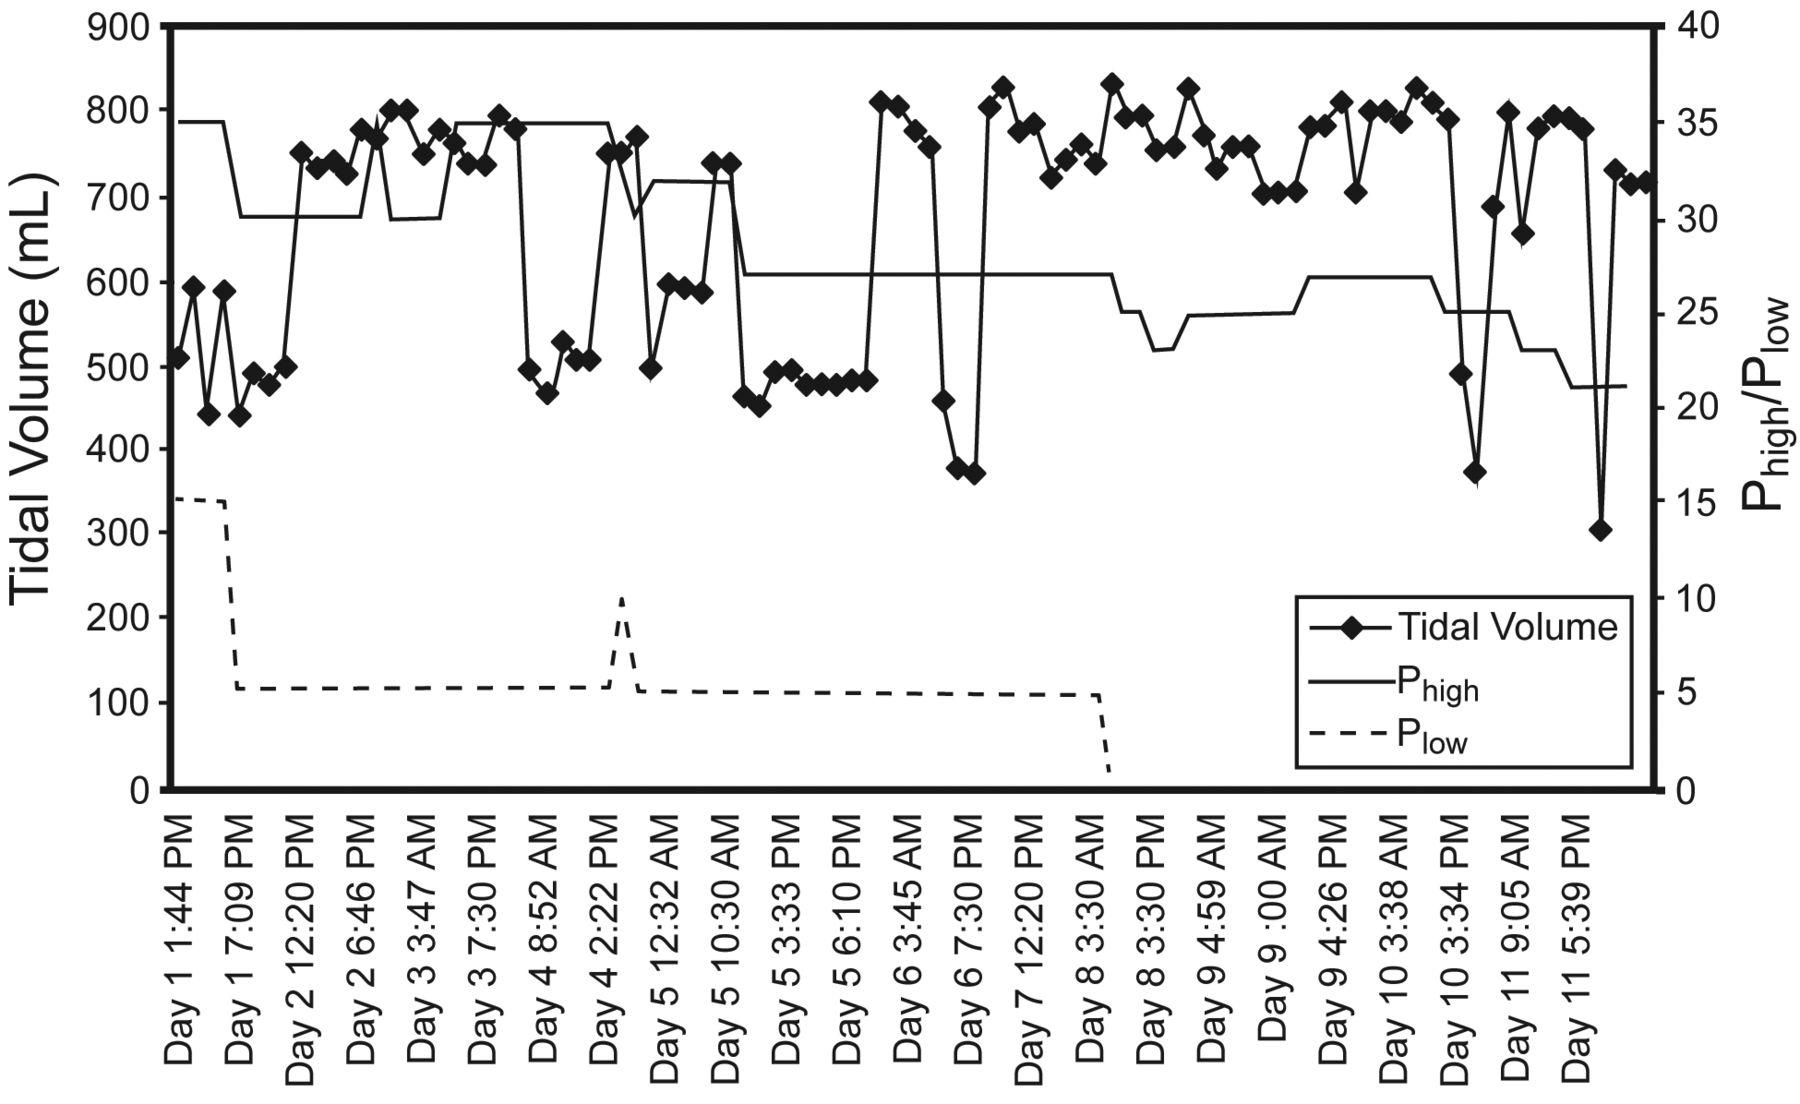 Tidal Volume Variability During Airway Pressure Release